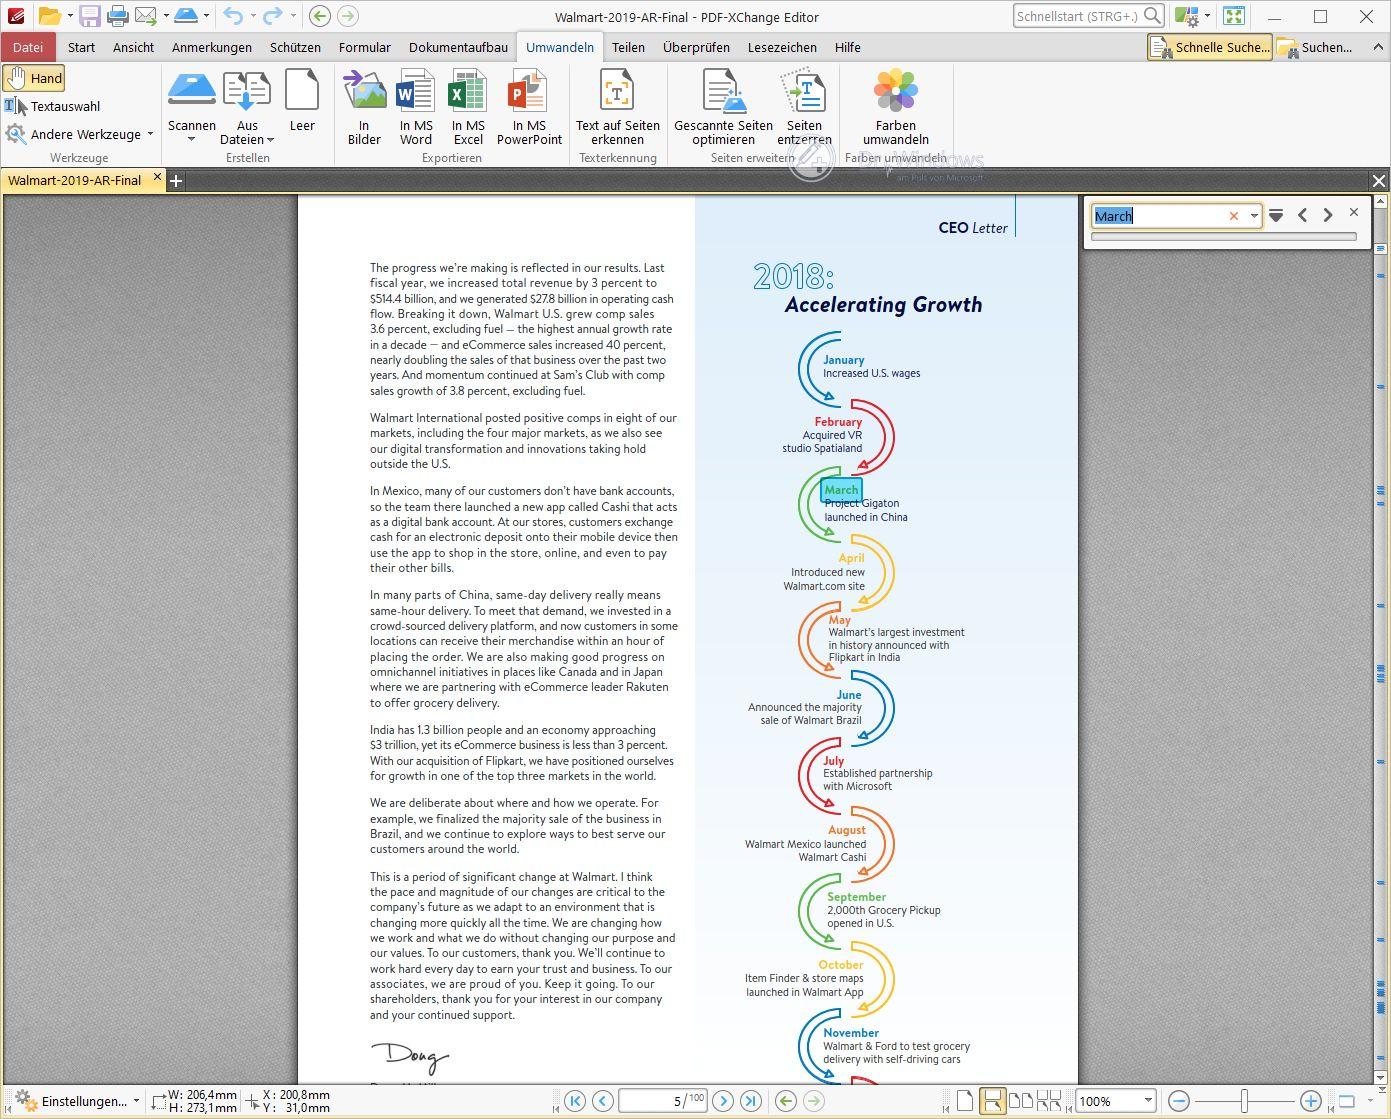 pdf-xchange editor - pdf editor und viewer › dr. windows